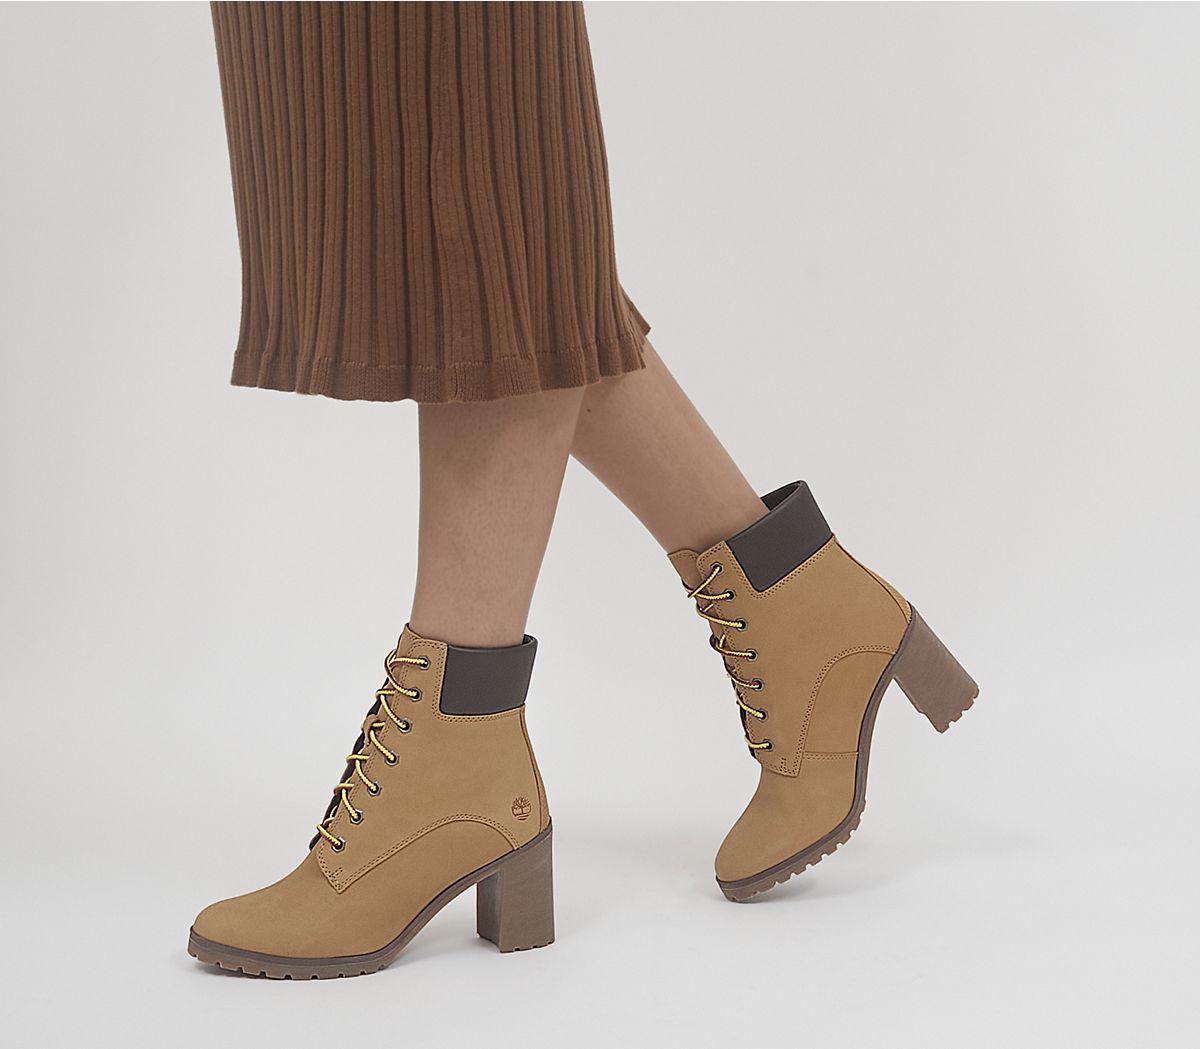 cb313152778 Allington 6 Inch Lace Boots